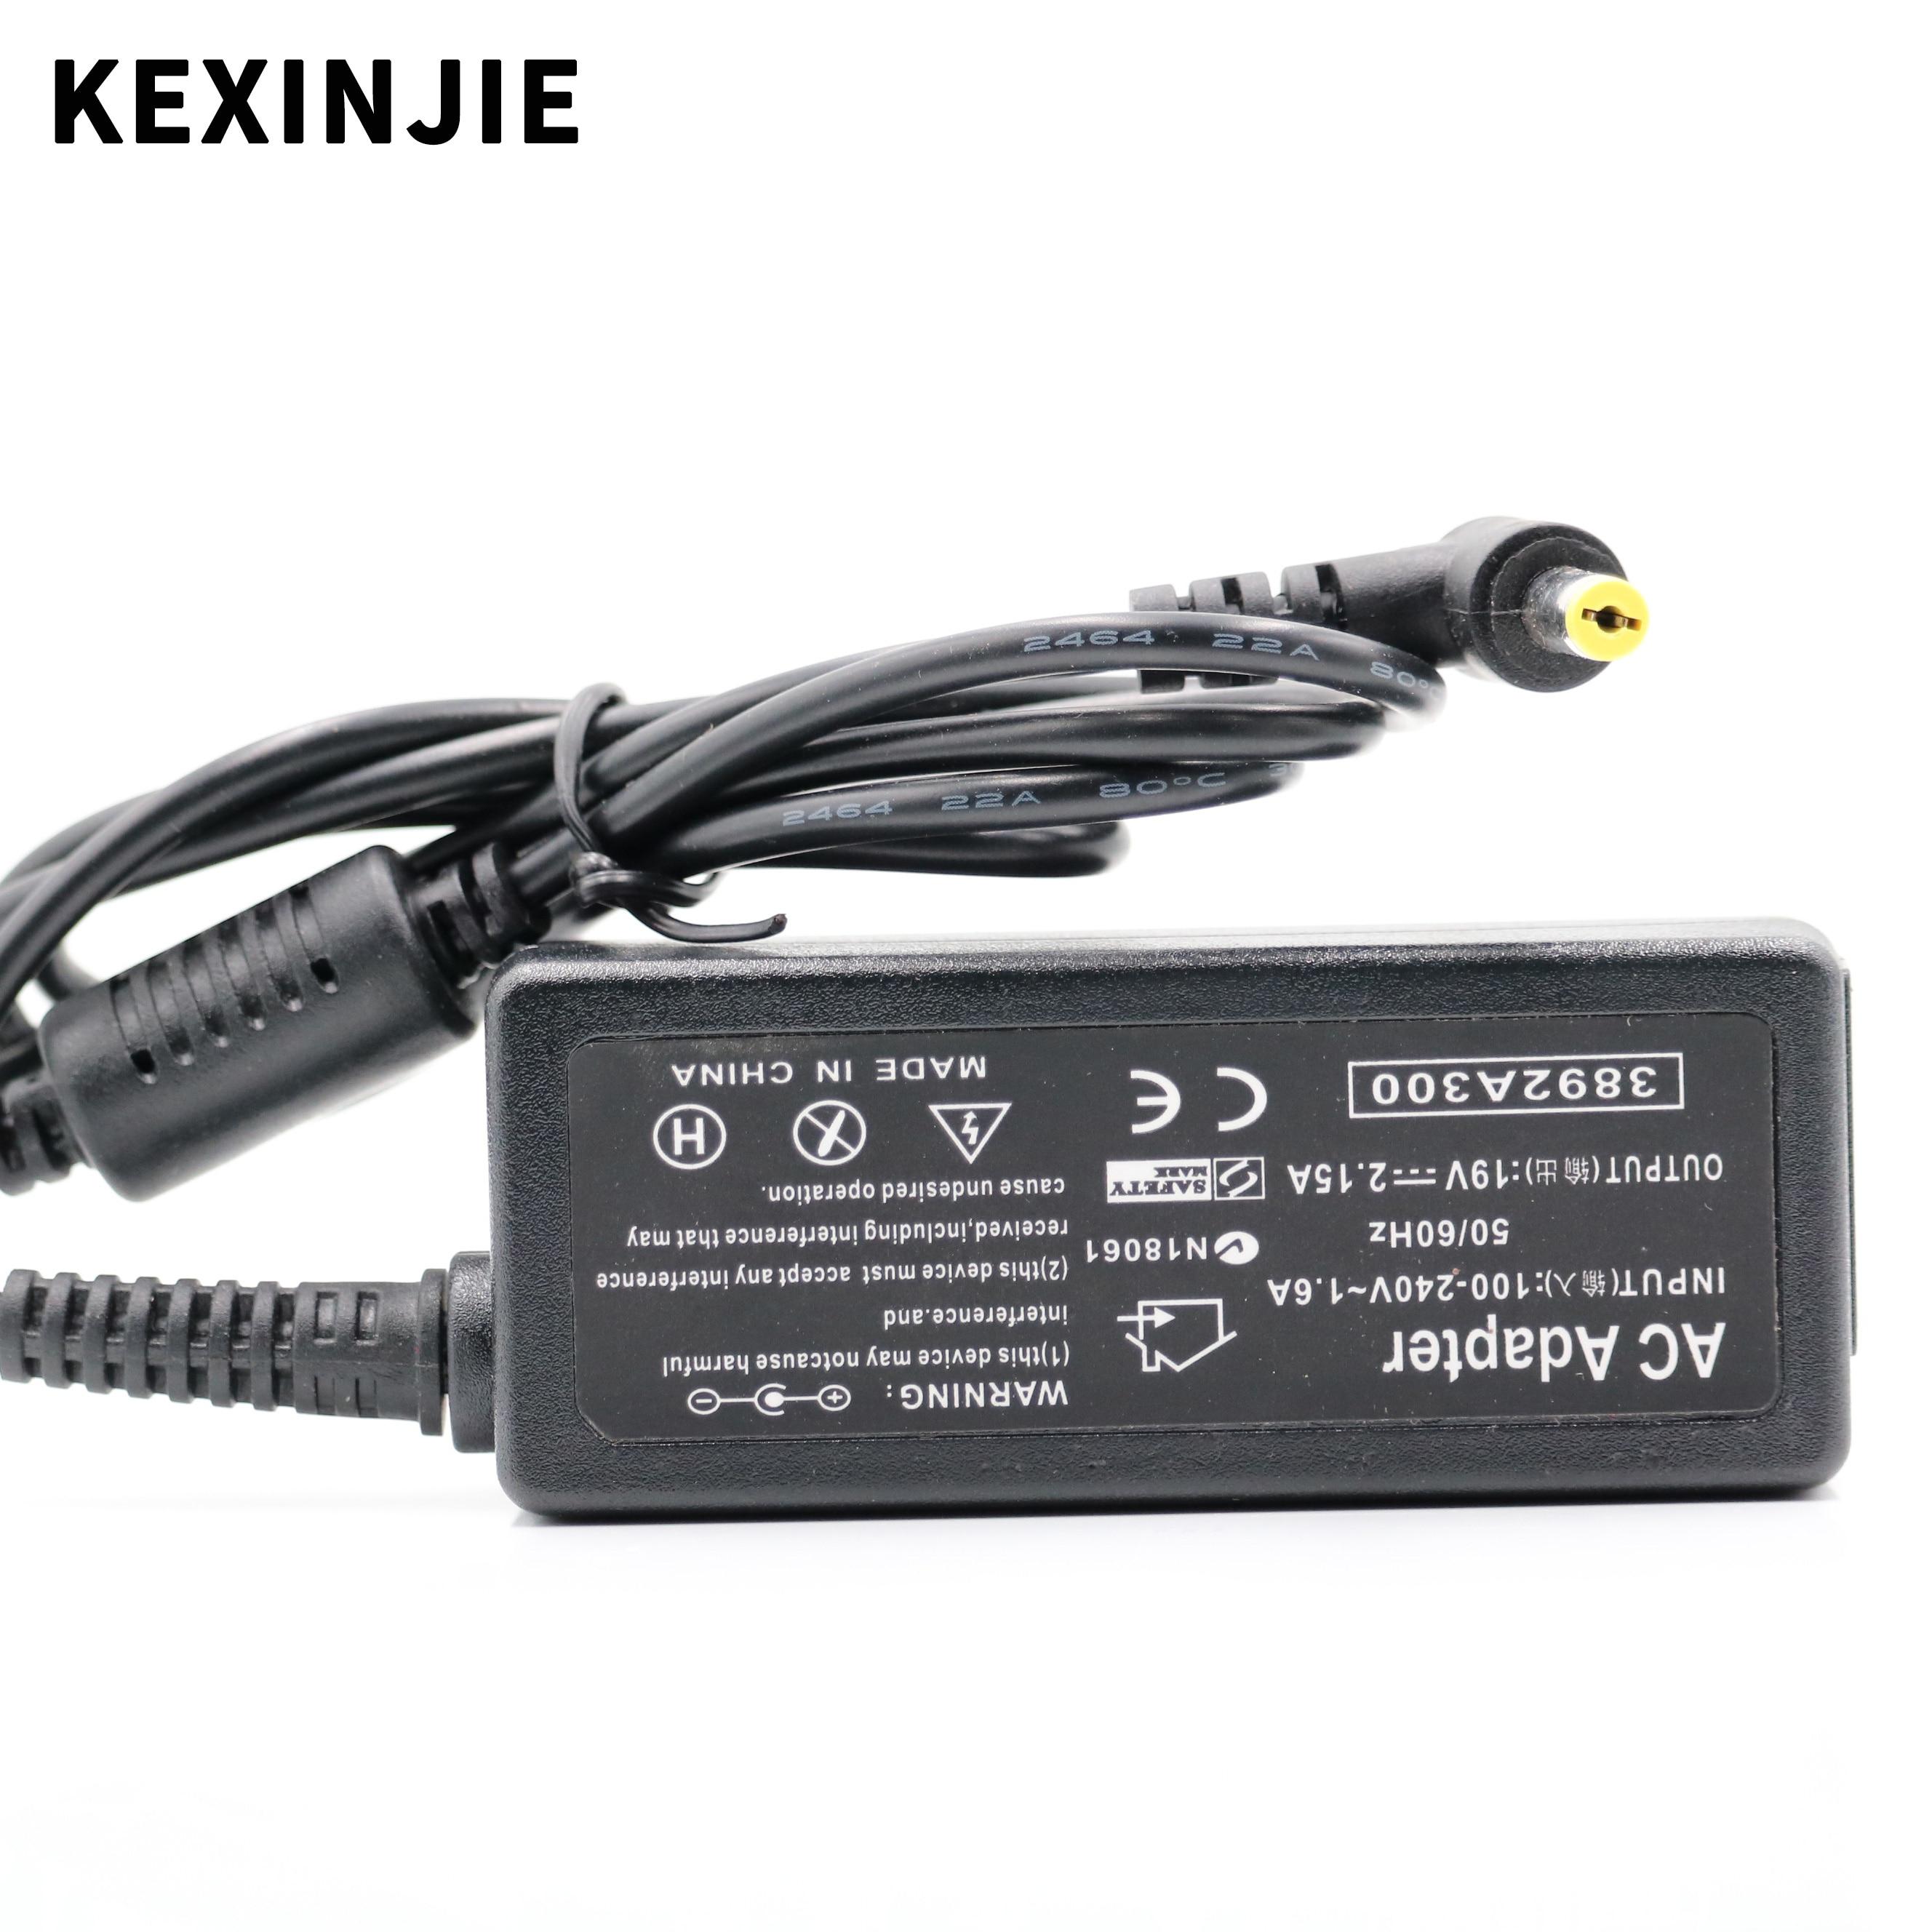 40W 19V 2.15A AC power adapter Fonte para Acer Aspire E1-572 E3-111 E3-112 E5-411 E5-421 E5-471 E5-511 E5-521 E5-531 carregador